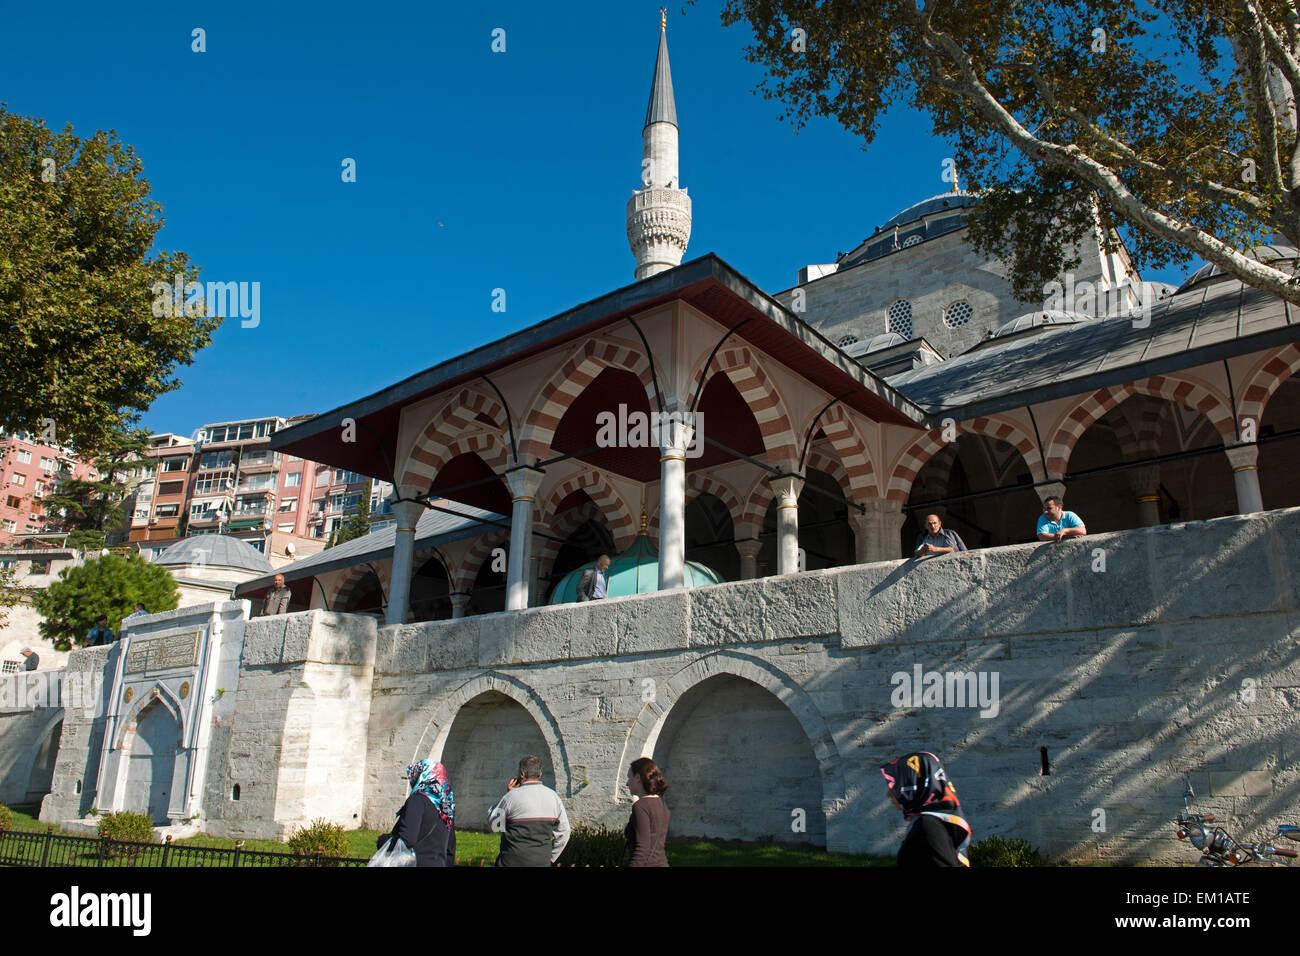 Türkei, Istanbul, Üsküdar, Mihrimah Sultan Camii (Iskele Camii) 1546 bis 1548 vom Architekten Sinan - Stock Image